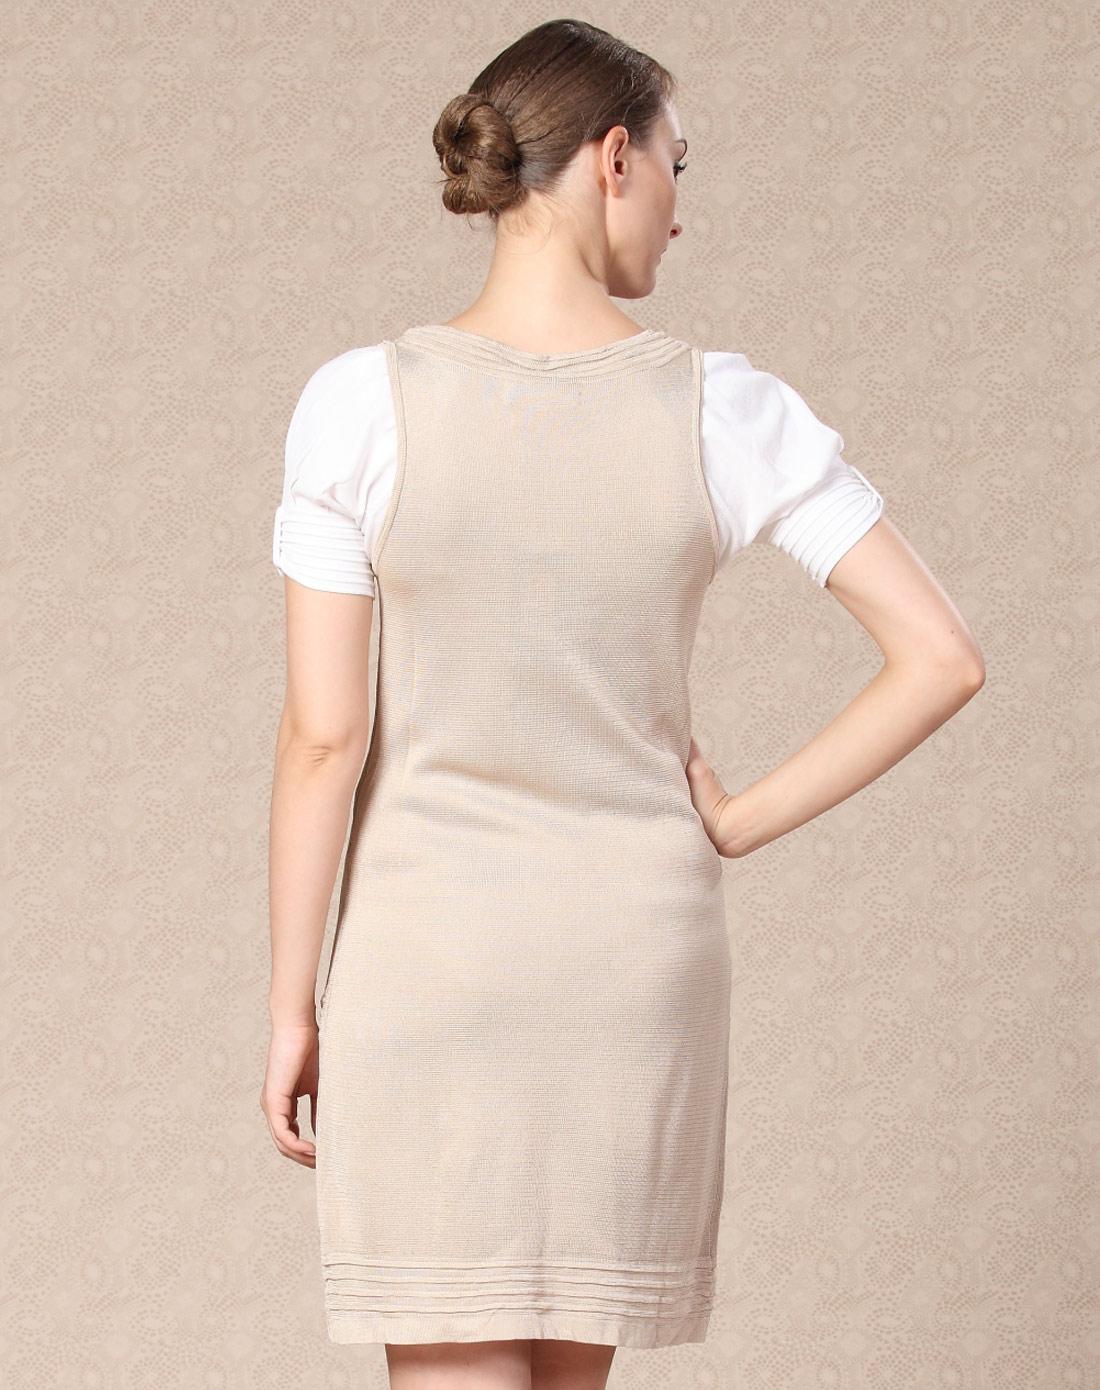 无袖跺(h��ފ9_luxman 时尚高端卡其色无袖连衣裙